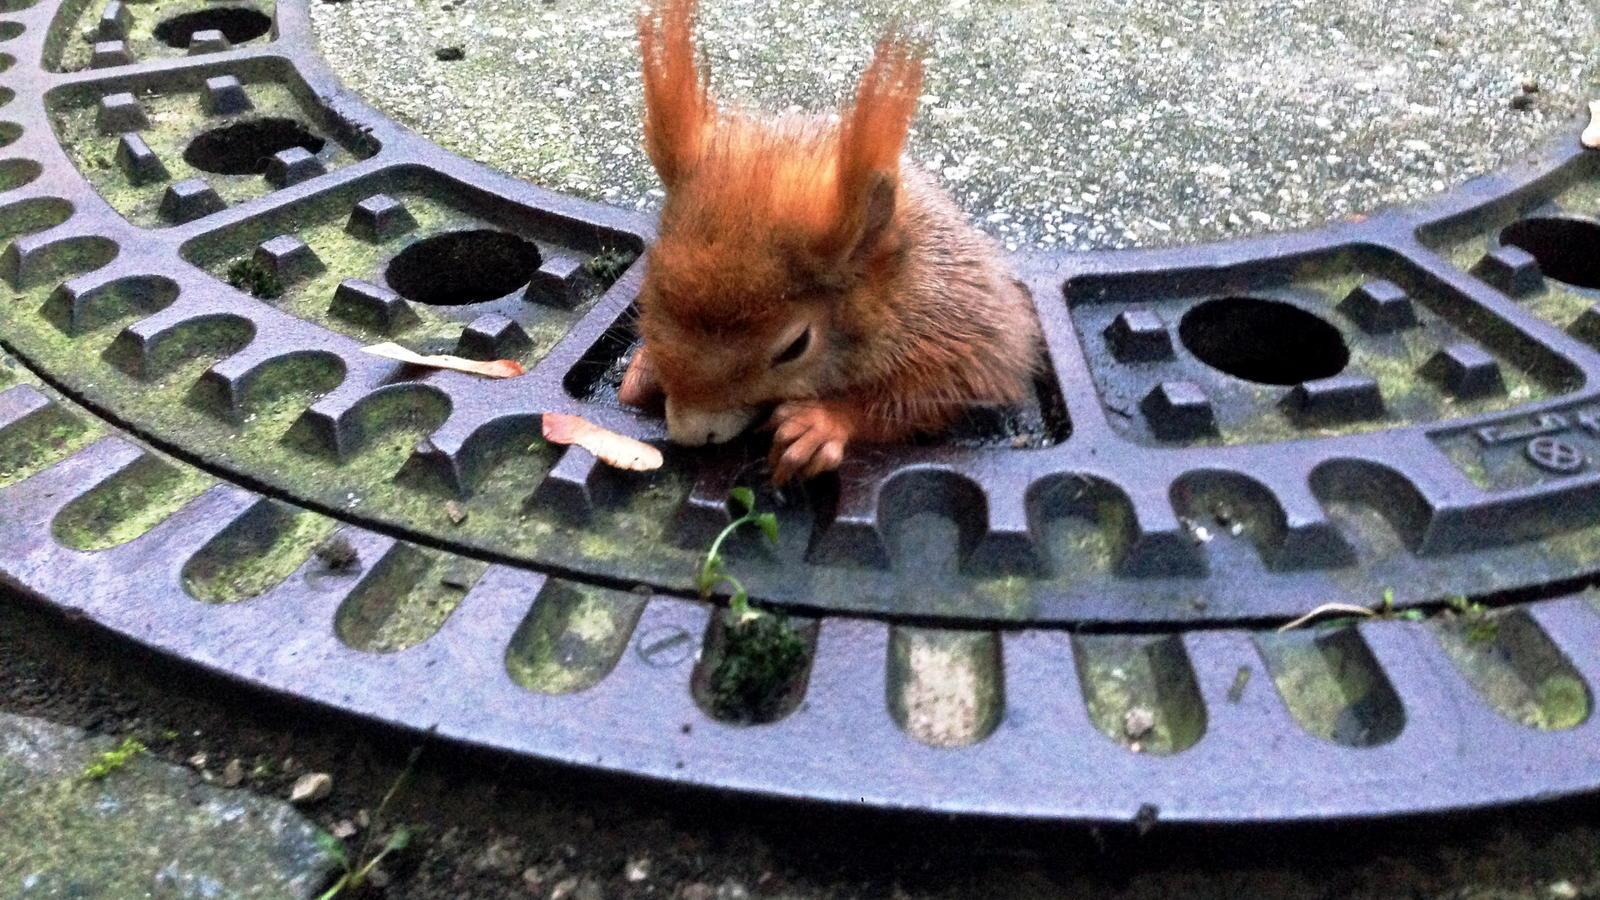 Schon wieder! Eichhörnchen bleibt in Gullydeckel stecken